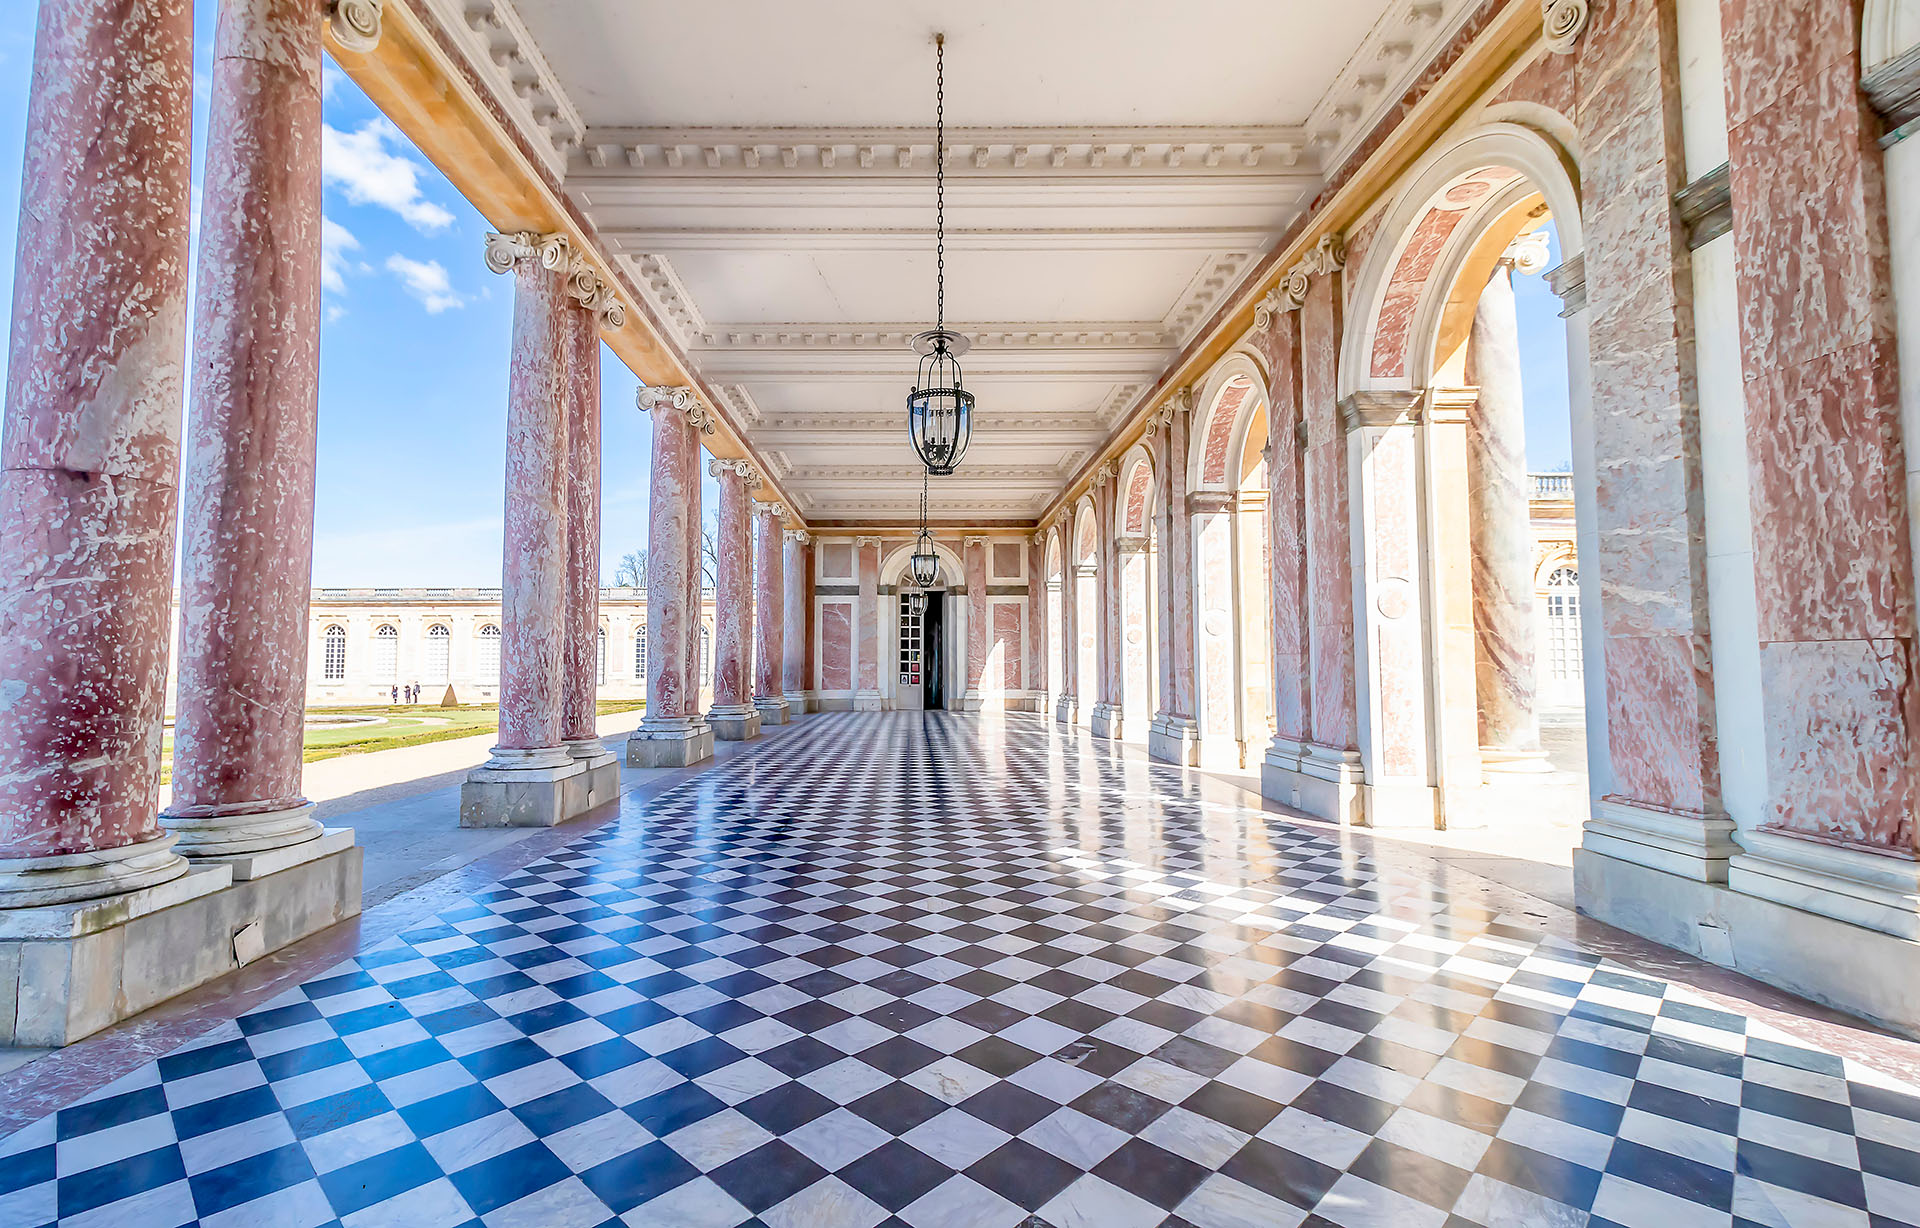 Luis XIV fue el primero en transformar y ampliar el pabellón de caza de su padre, Luis XIII, donde instalaría la Corte y el gobierno en el año 1682. Desde entonces y hasta la llegada de la Revolución Francesa, diferentes monarcas se fueron sucediendo en el trono y continuaron embelleciendo el palacio